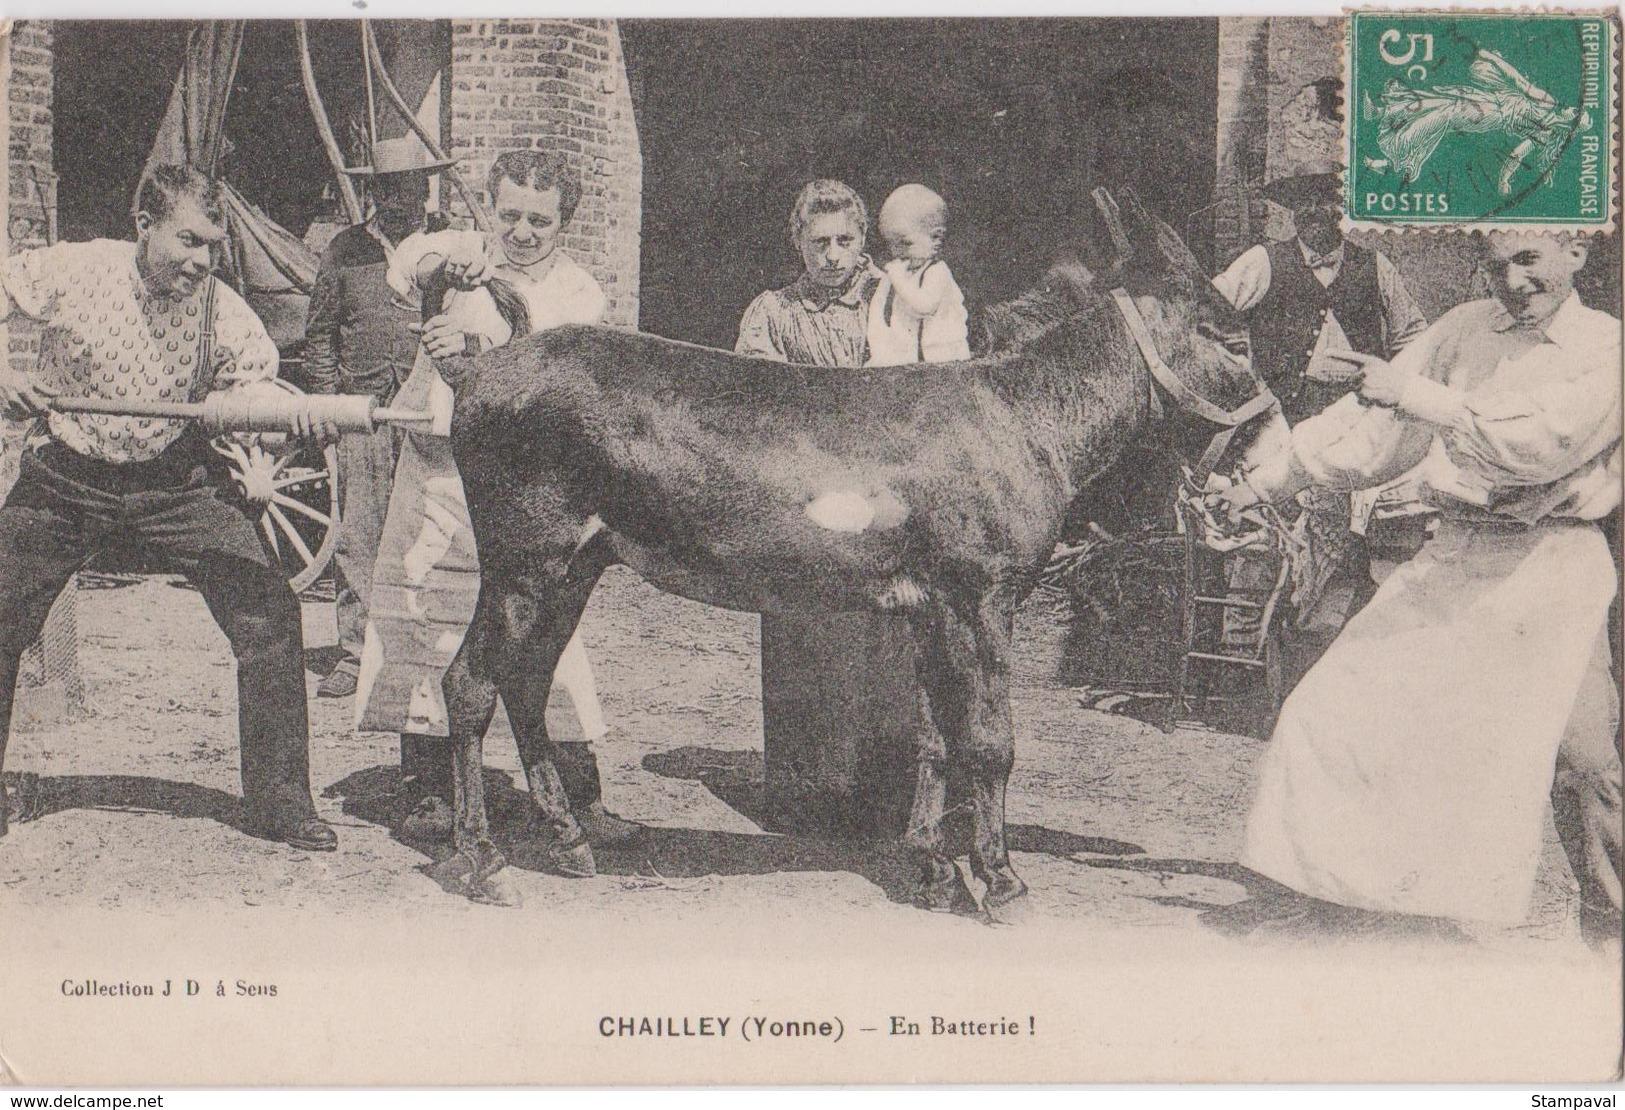 CHAILLEY - EN BATTERIE - AVEC UN ÂNE - Burros